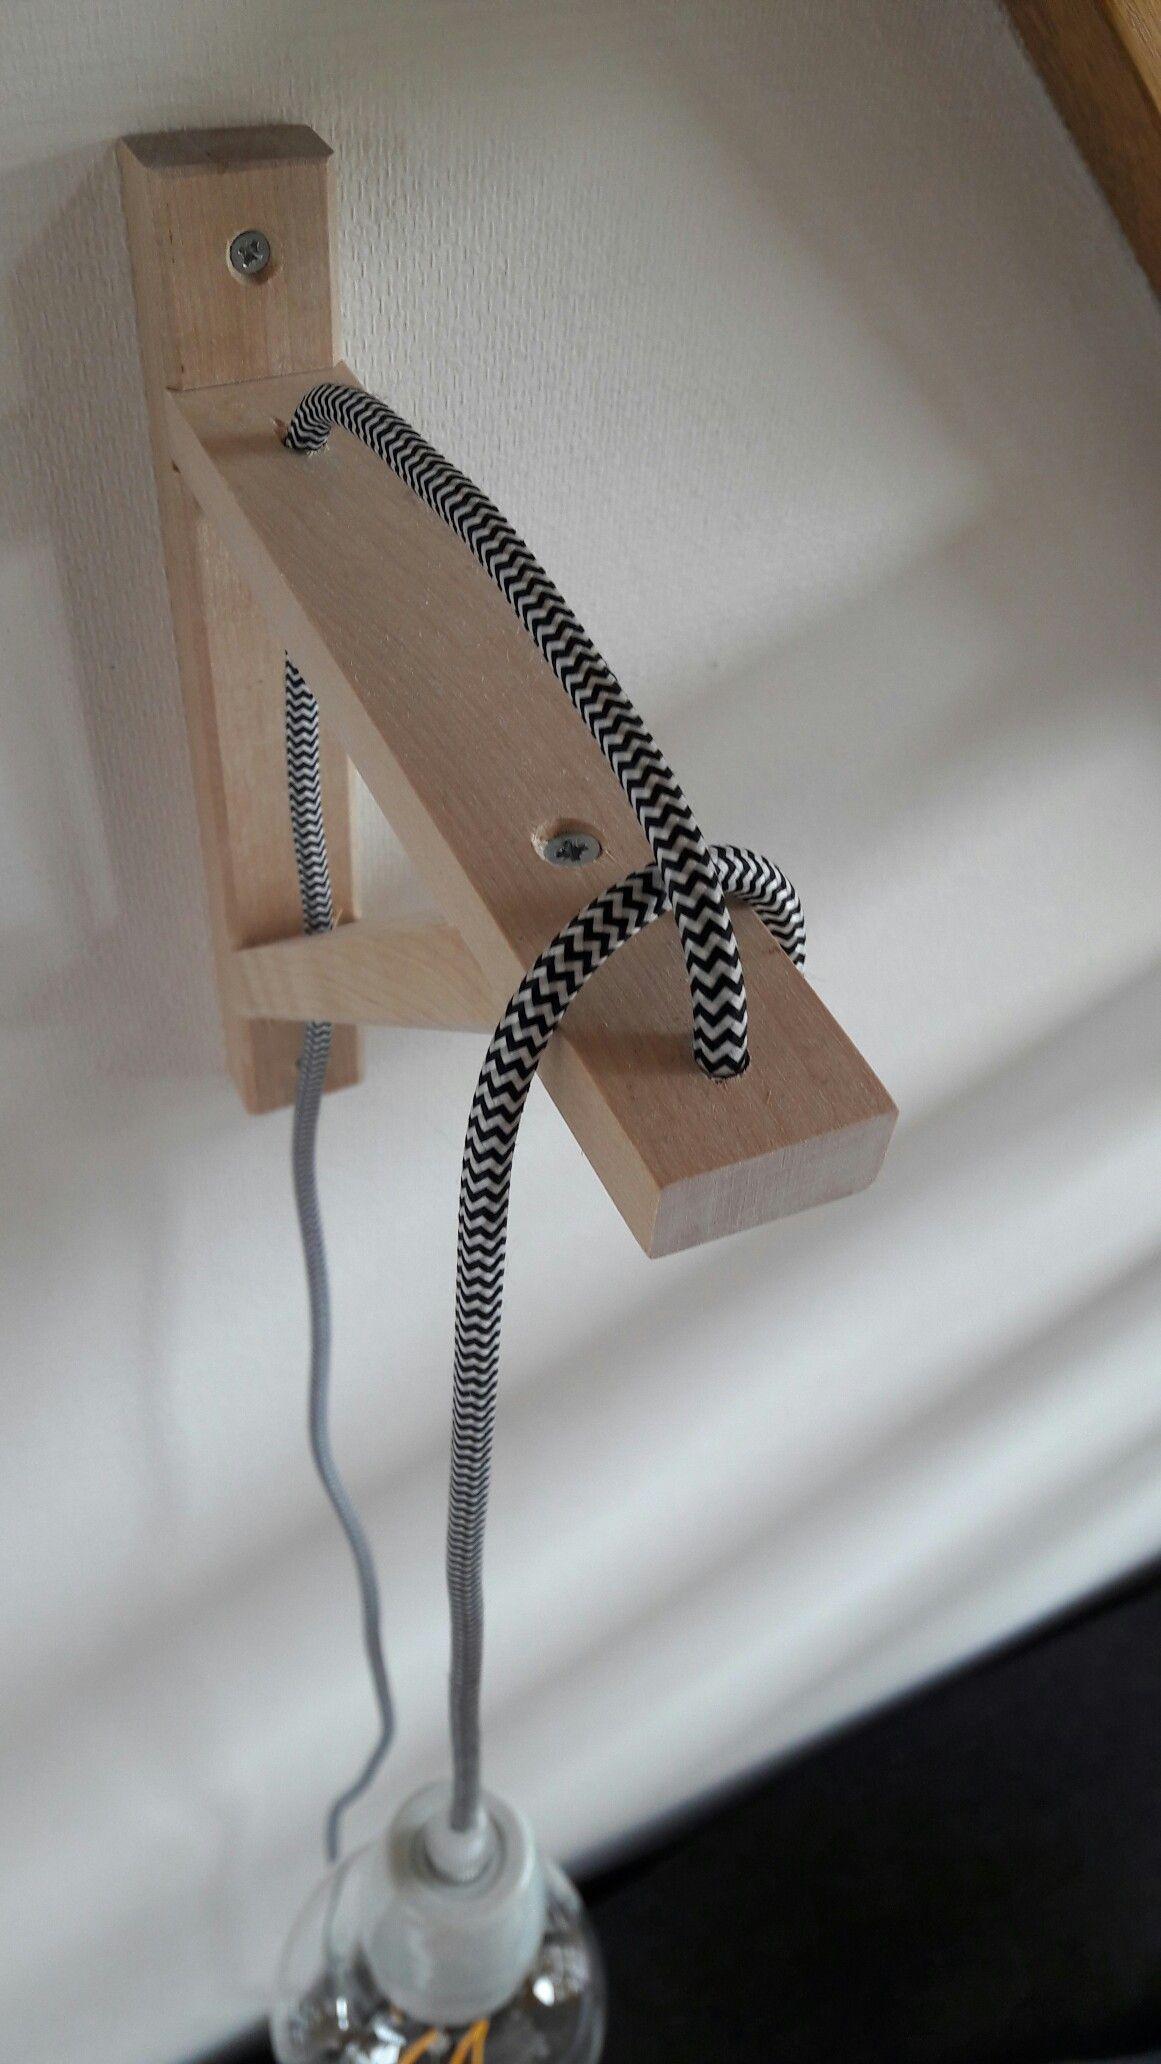 Ikea Boekensteun Lamp Slaapkamer Lampen Ikea Voor Het Huis